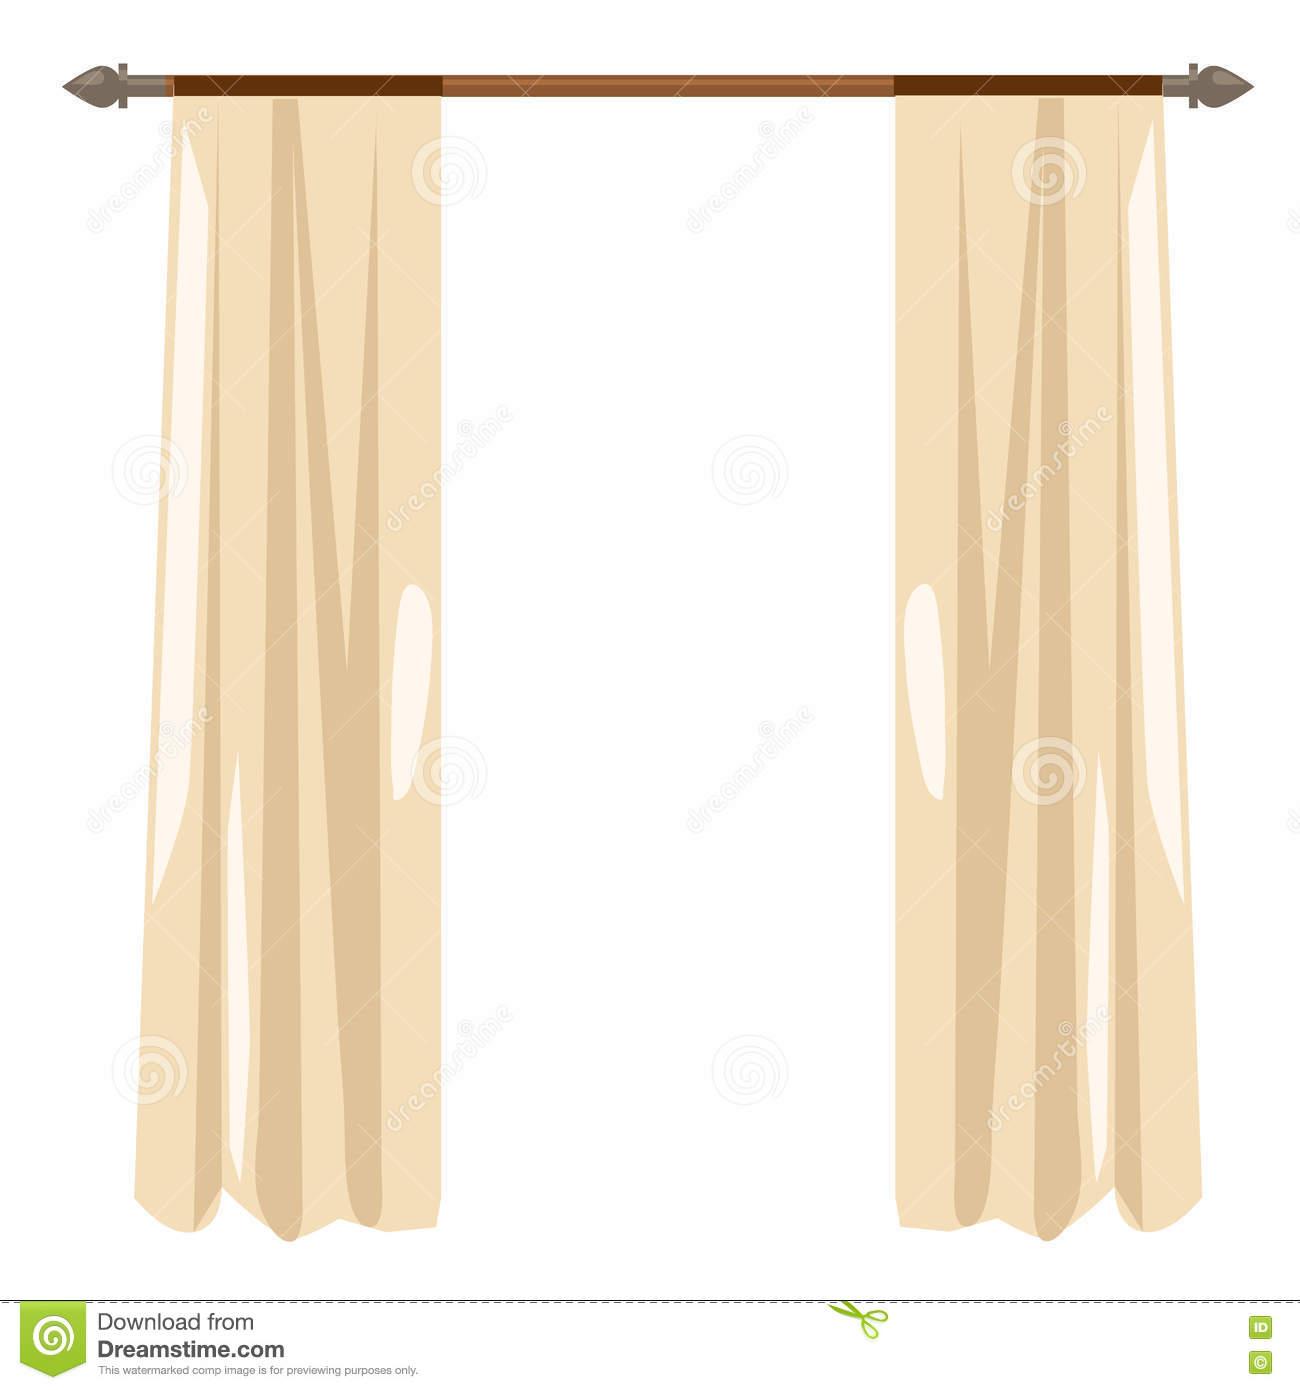 Full Size of Küchenvorhänge Beige Kchenvorhnge Auf Leiste Bett 180x200 Duschen Wohnzimmer Sofa Esstische Fürs Landhausküche Wohnzimmer Moderne Küchenvorhänge